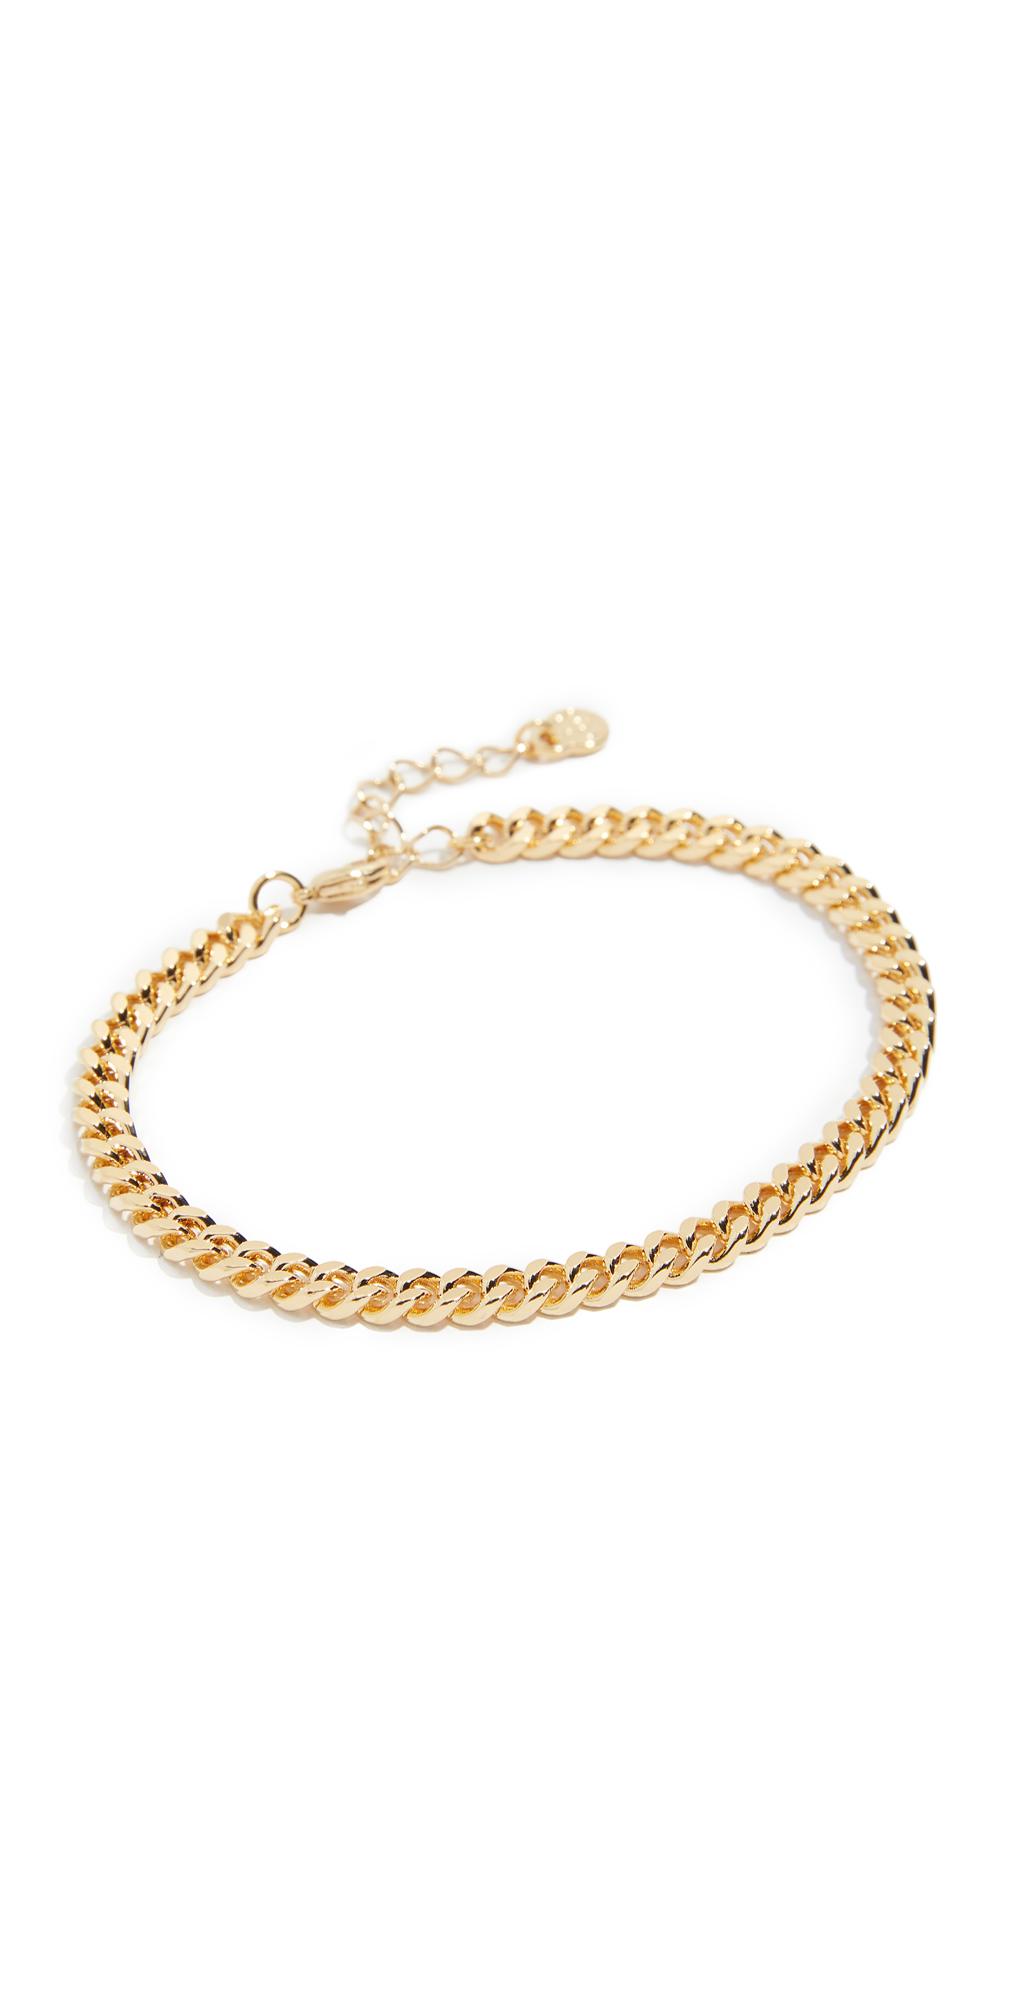 Large Curb Chain Bracelet